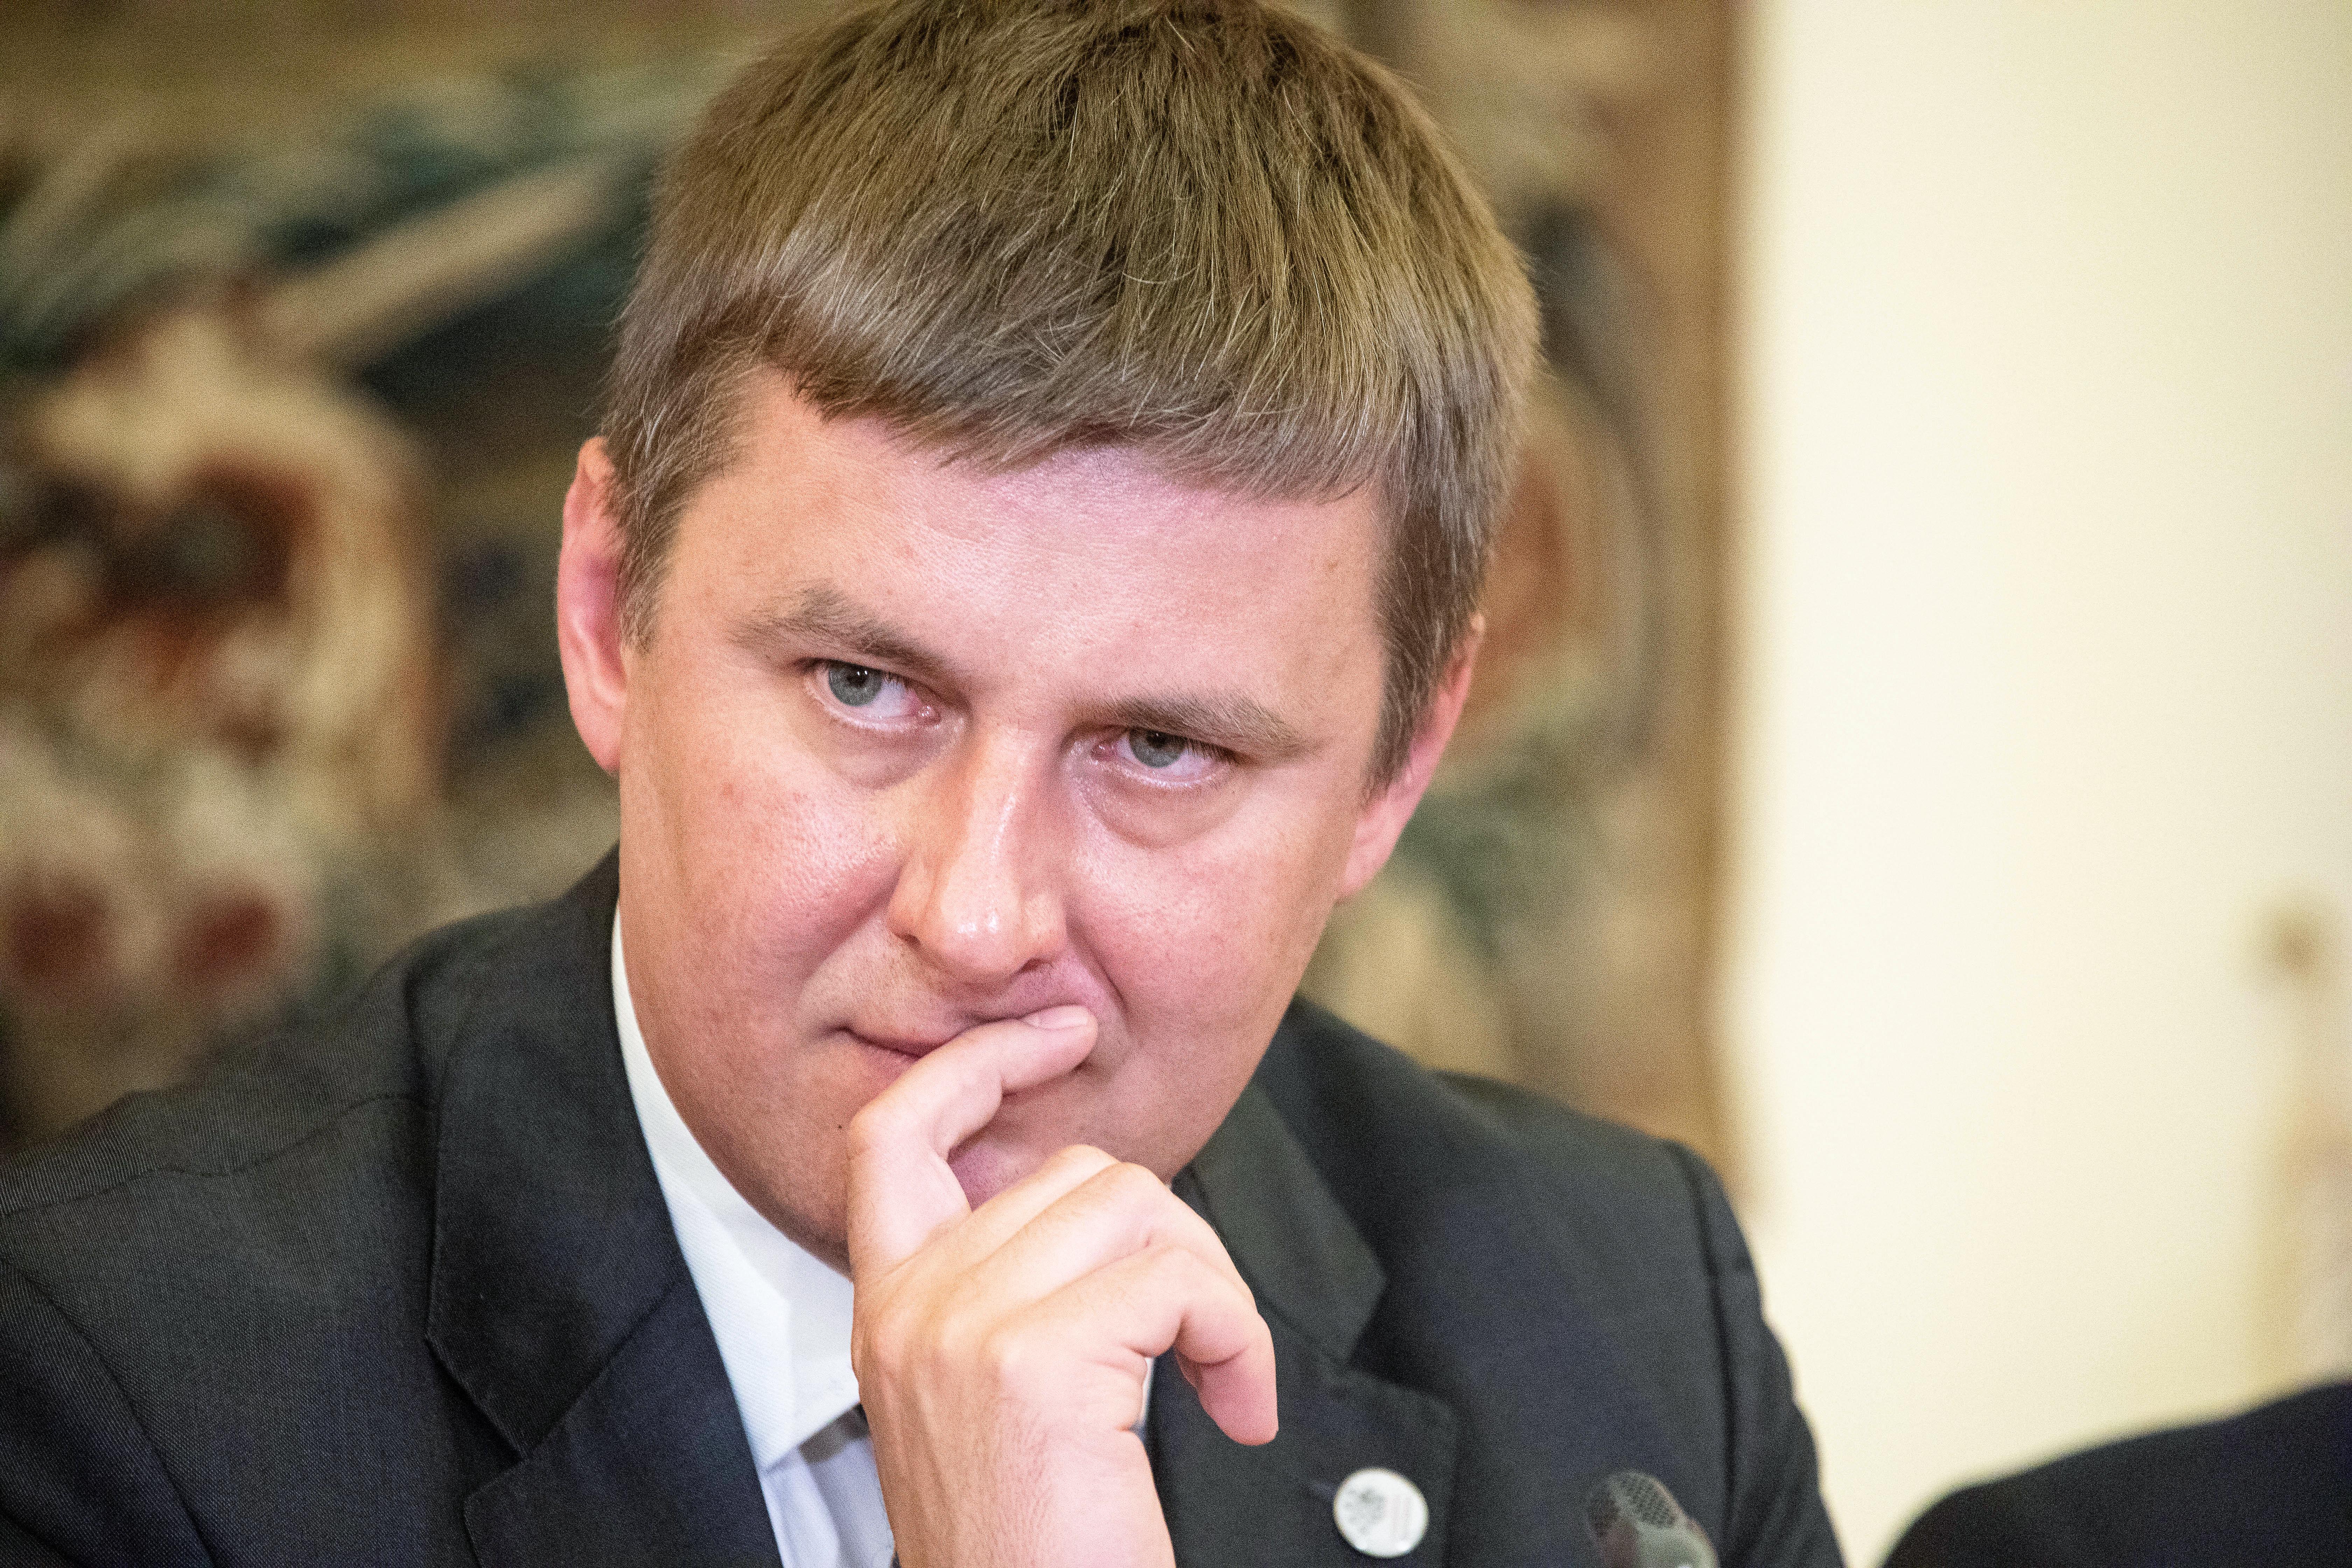 Menesztik a cseh külügyminisztert, aki nem támogatta az orosz vakcina beszerzését